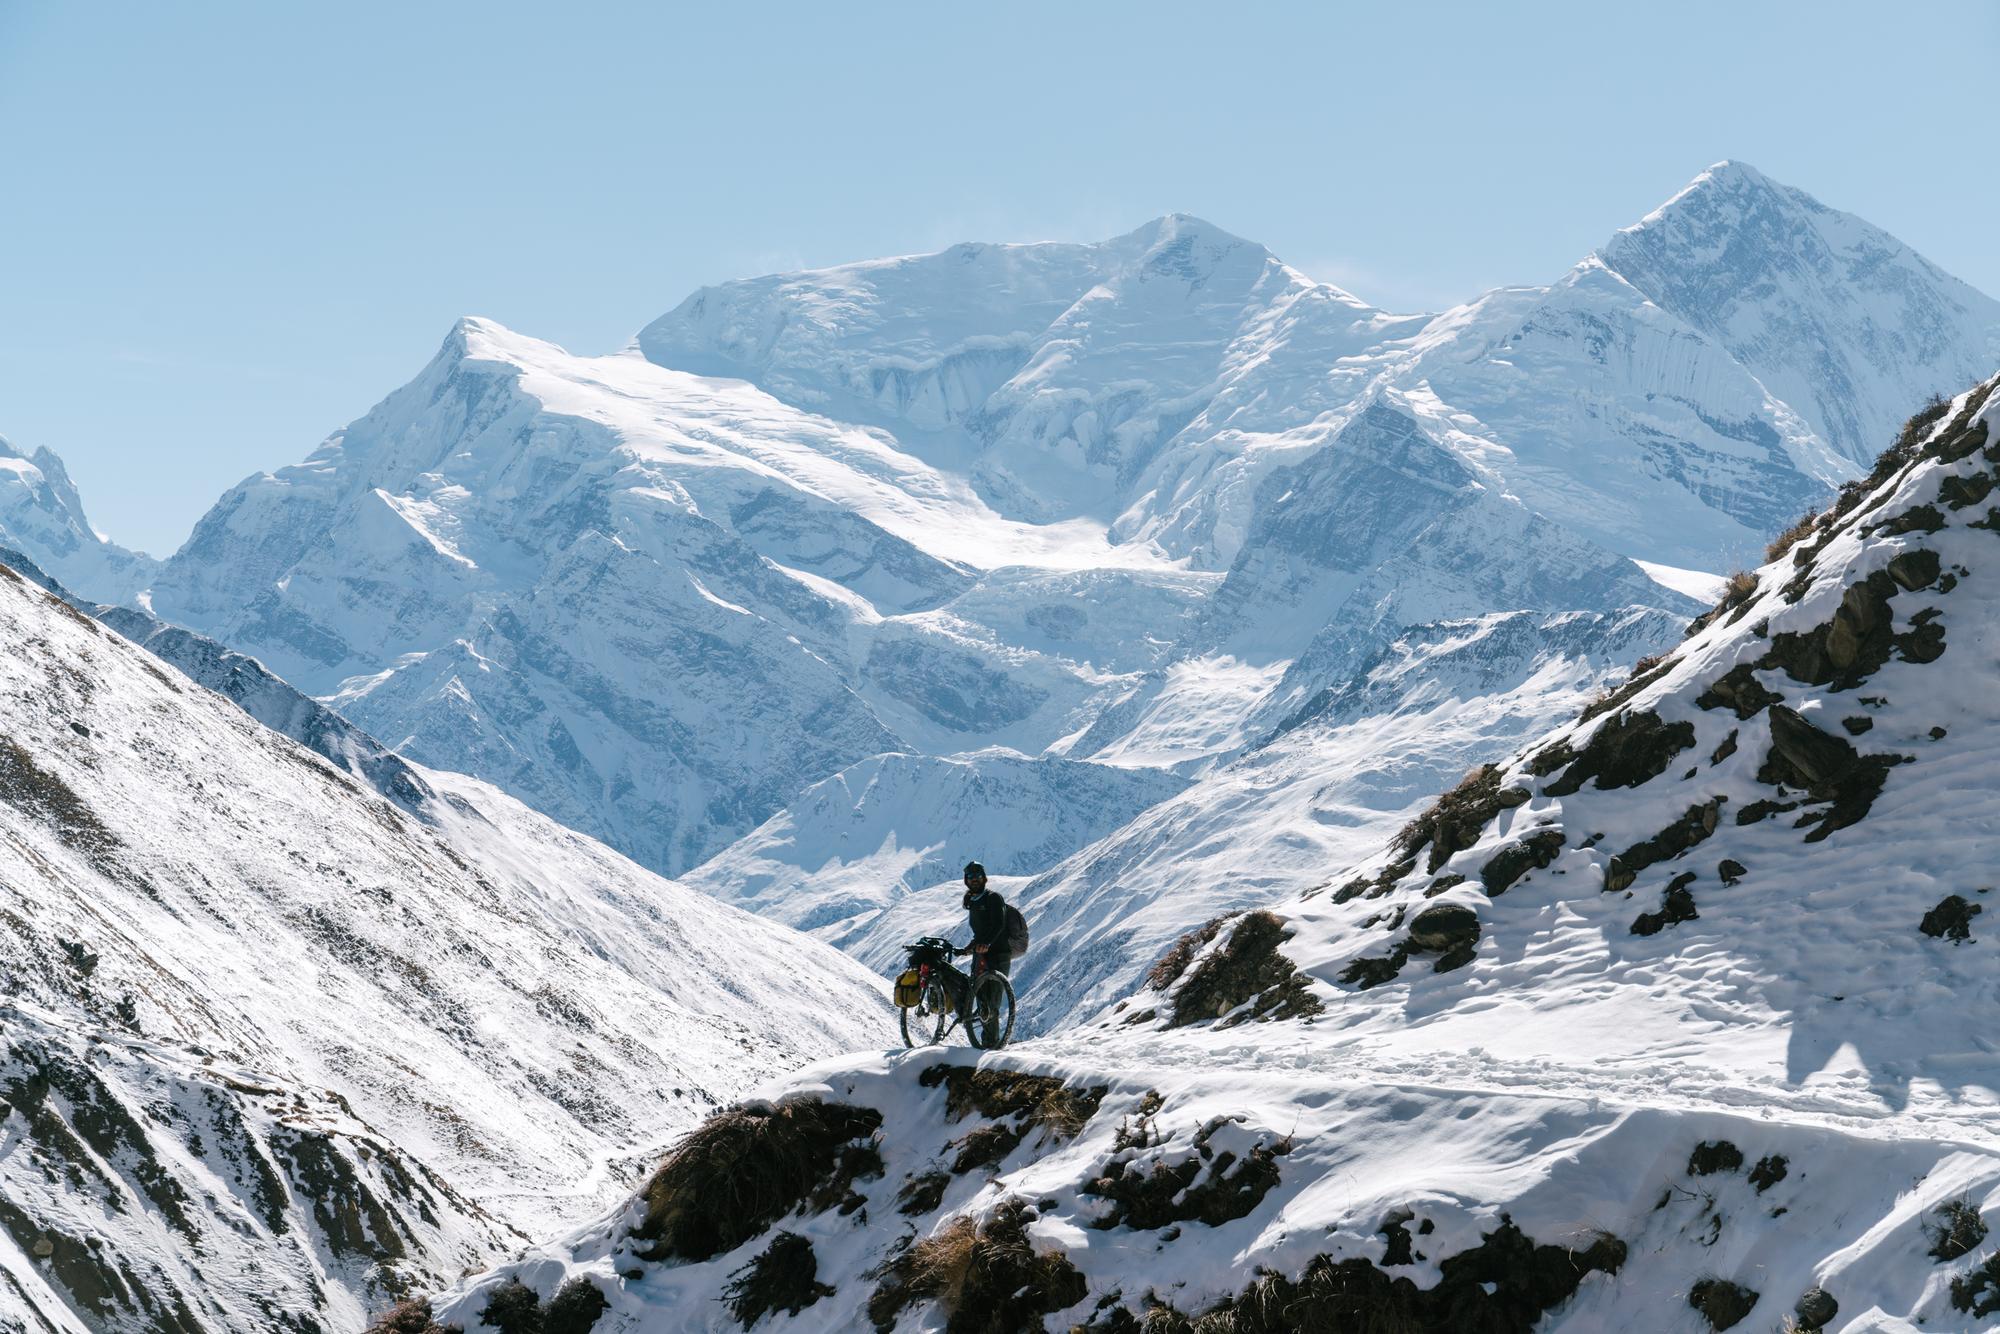 with views to 8,000 meter peaks